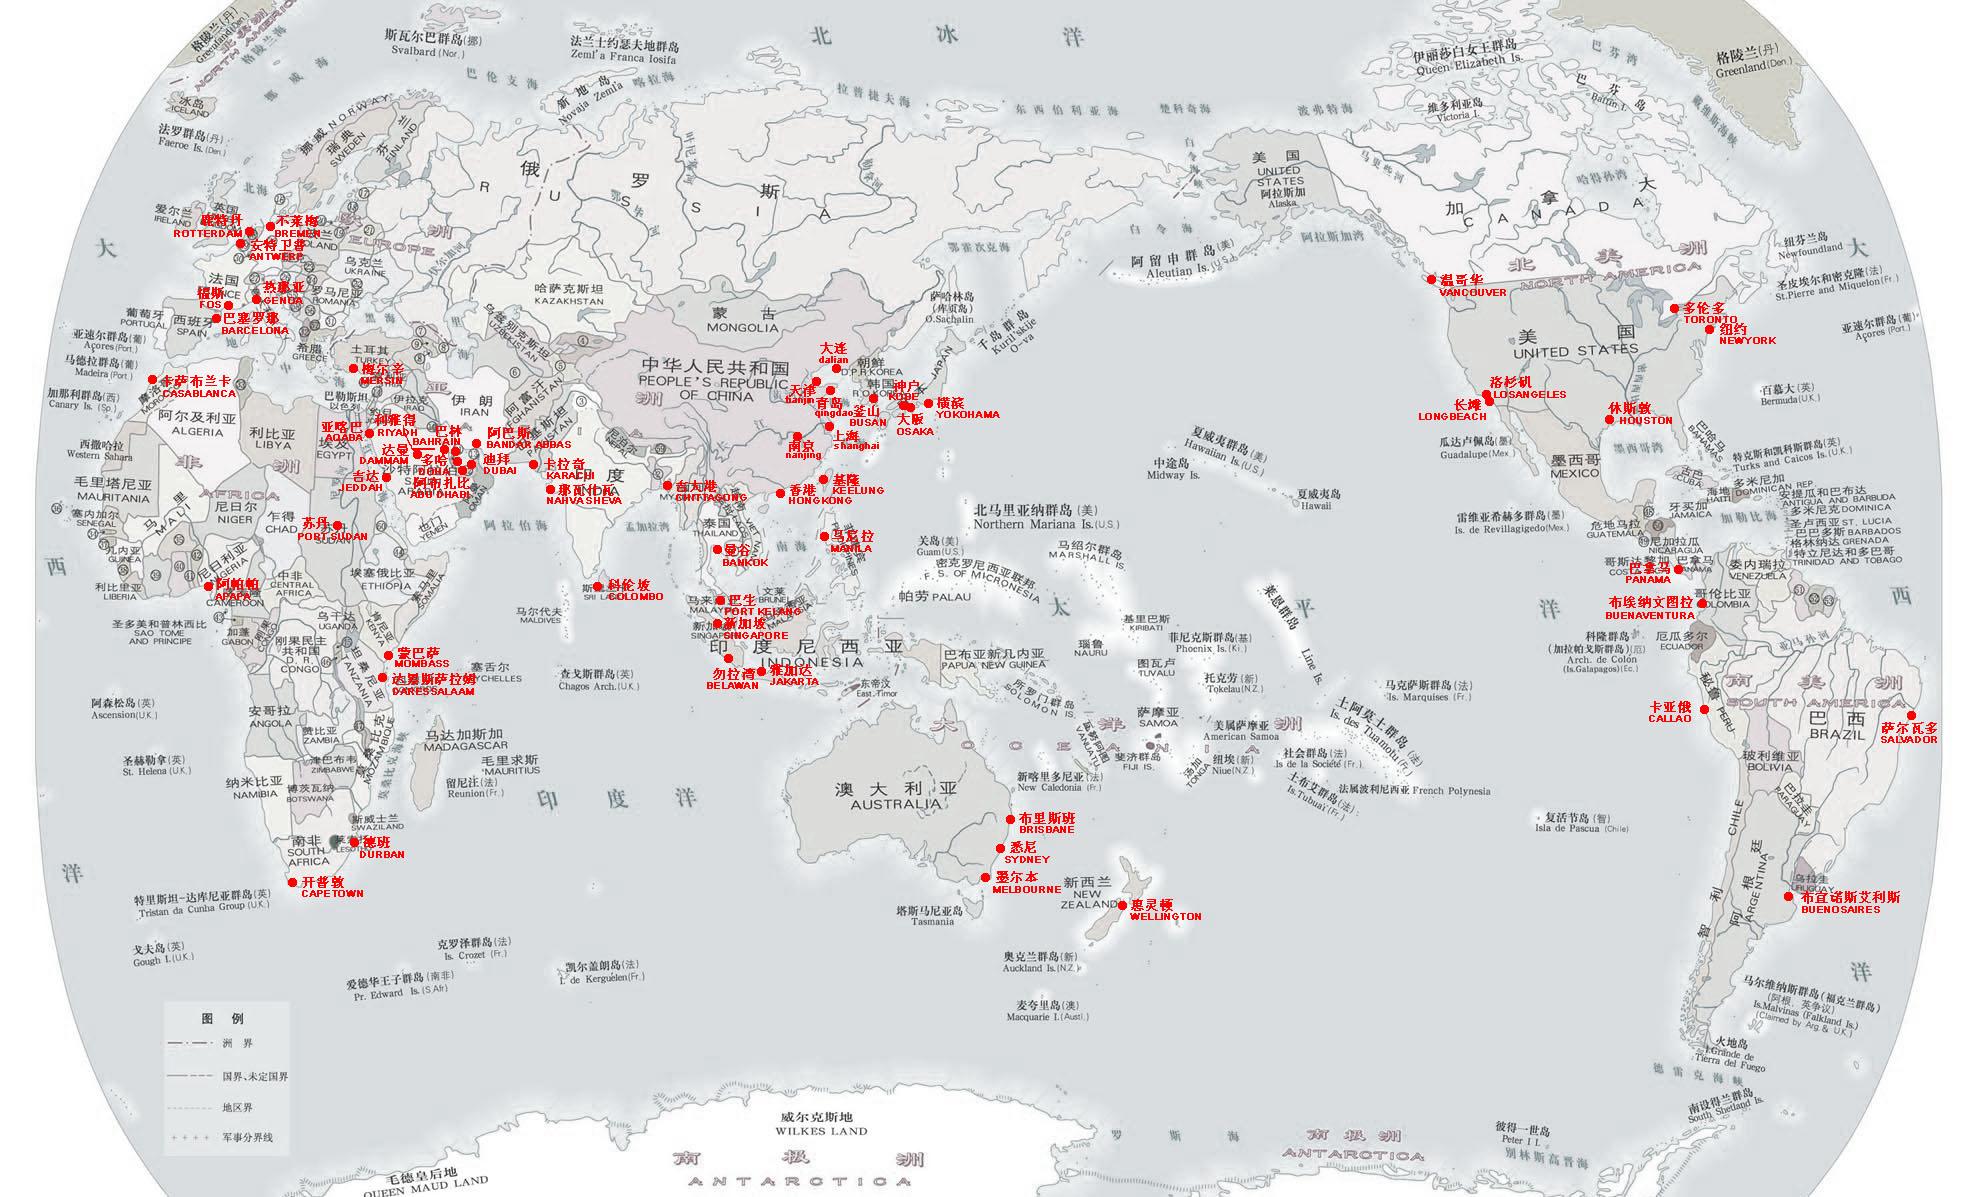 世界主要港口地图